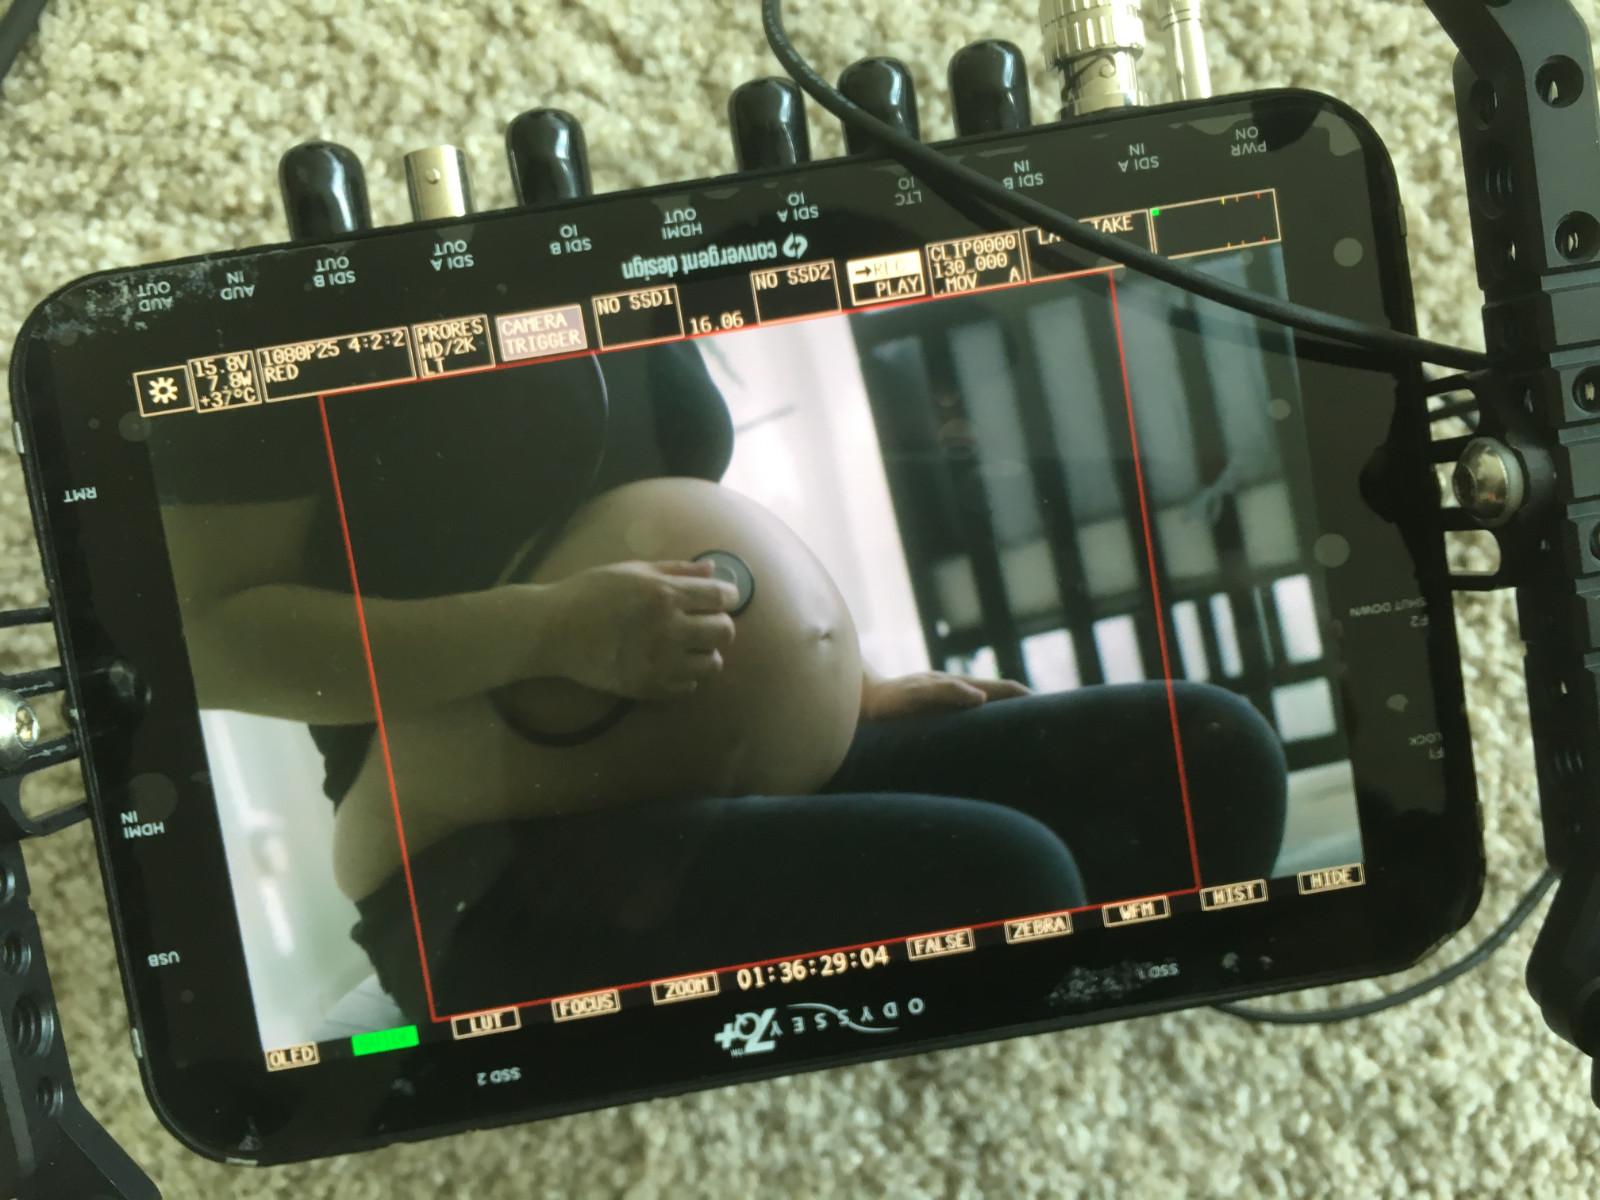 Videomonitor som visar en bild vid inspelning av Honor the sound. Foto: Mats Udd.